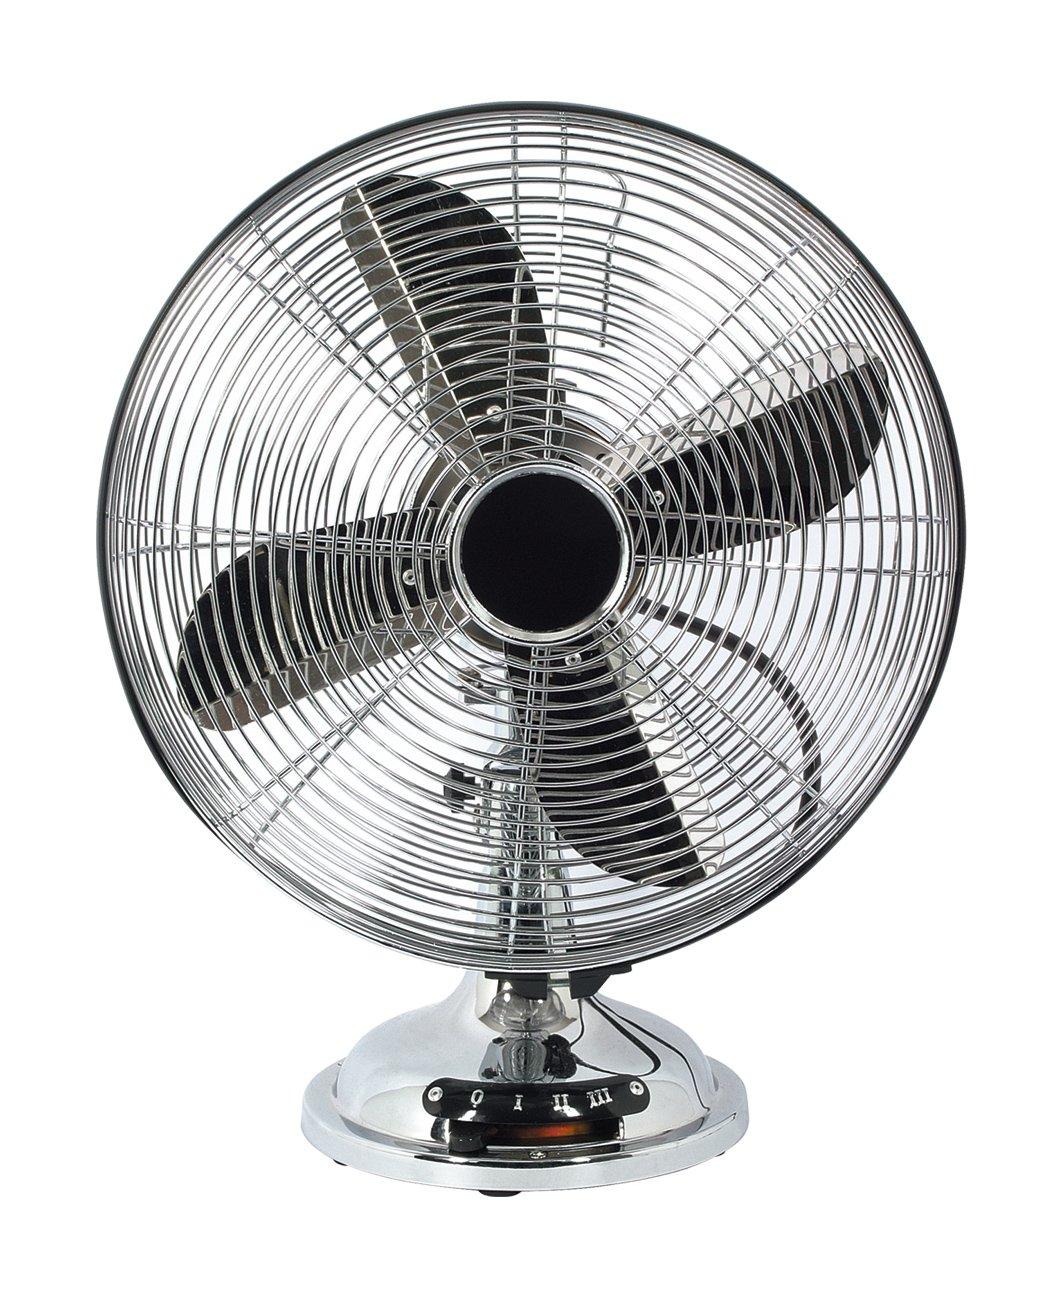 Ventilatori l 39 aria fresca del design cose di casa for Ventilatore a pale da soffitto silenzioso